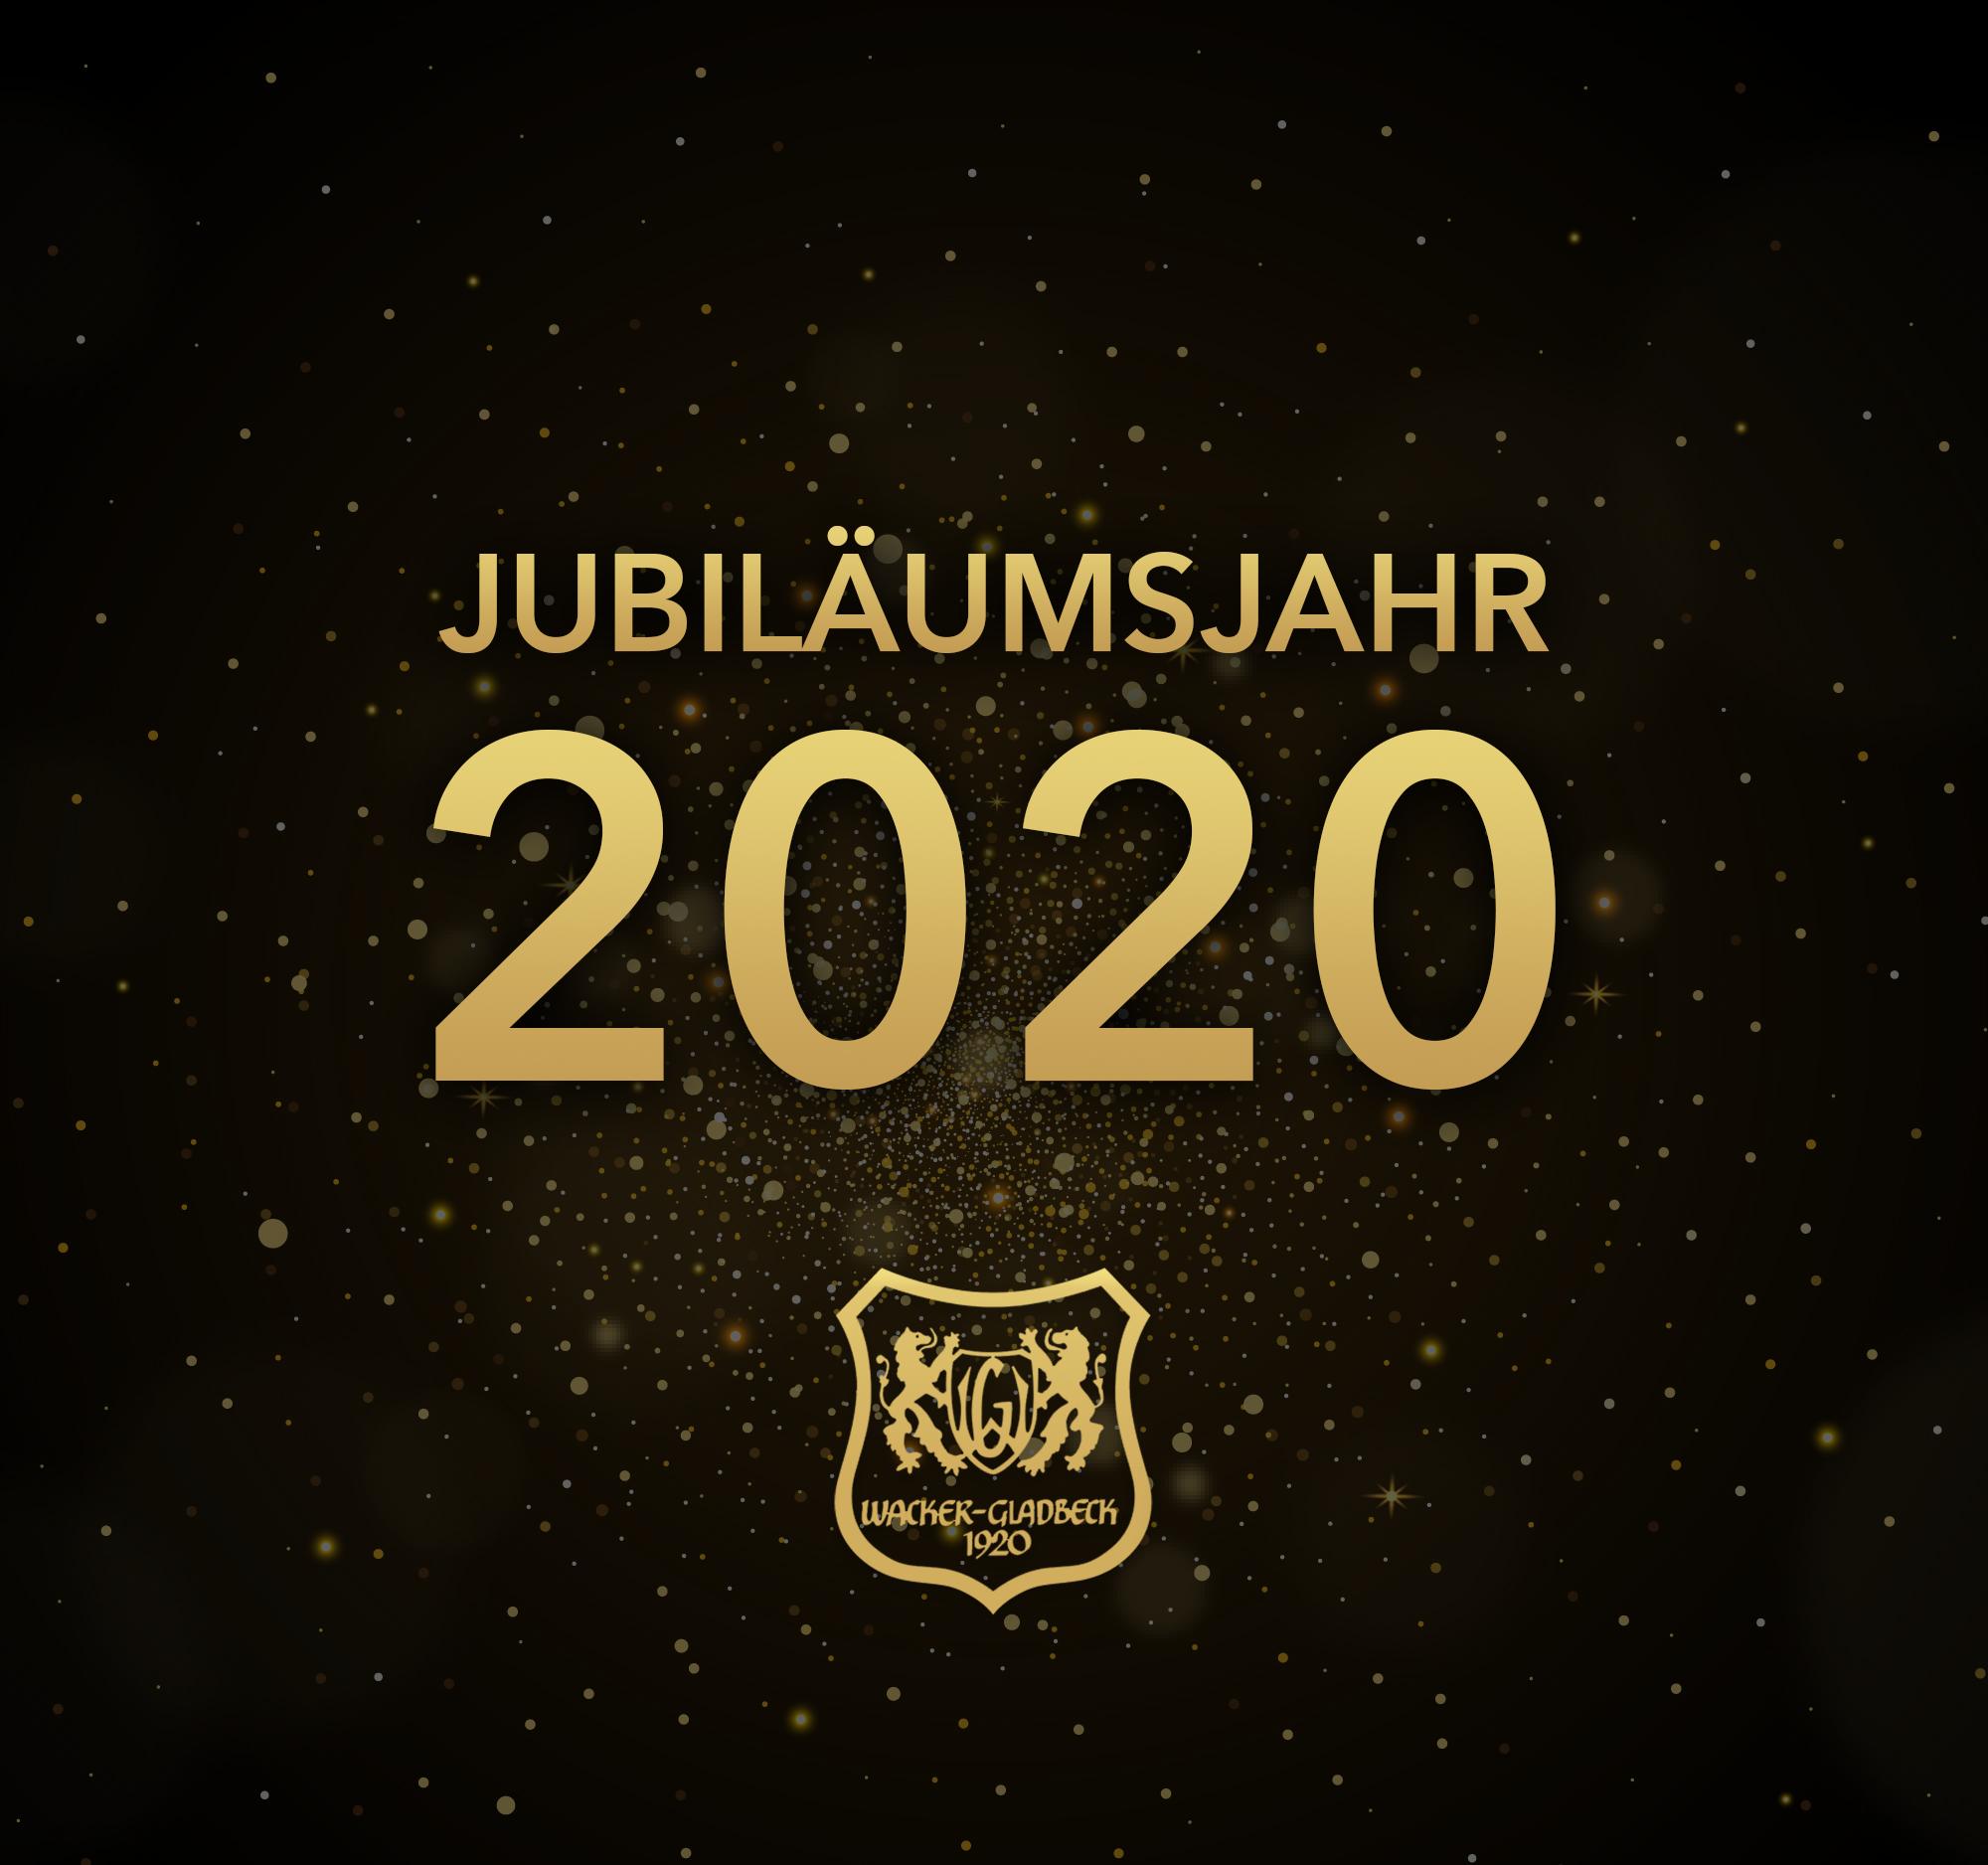 Wacker Gladbeck - Wacker Gladbeck wünscht ein frohes neues Jahr 2020